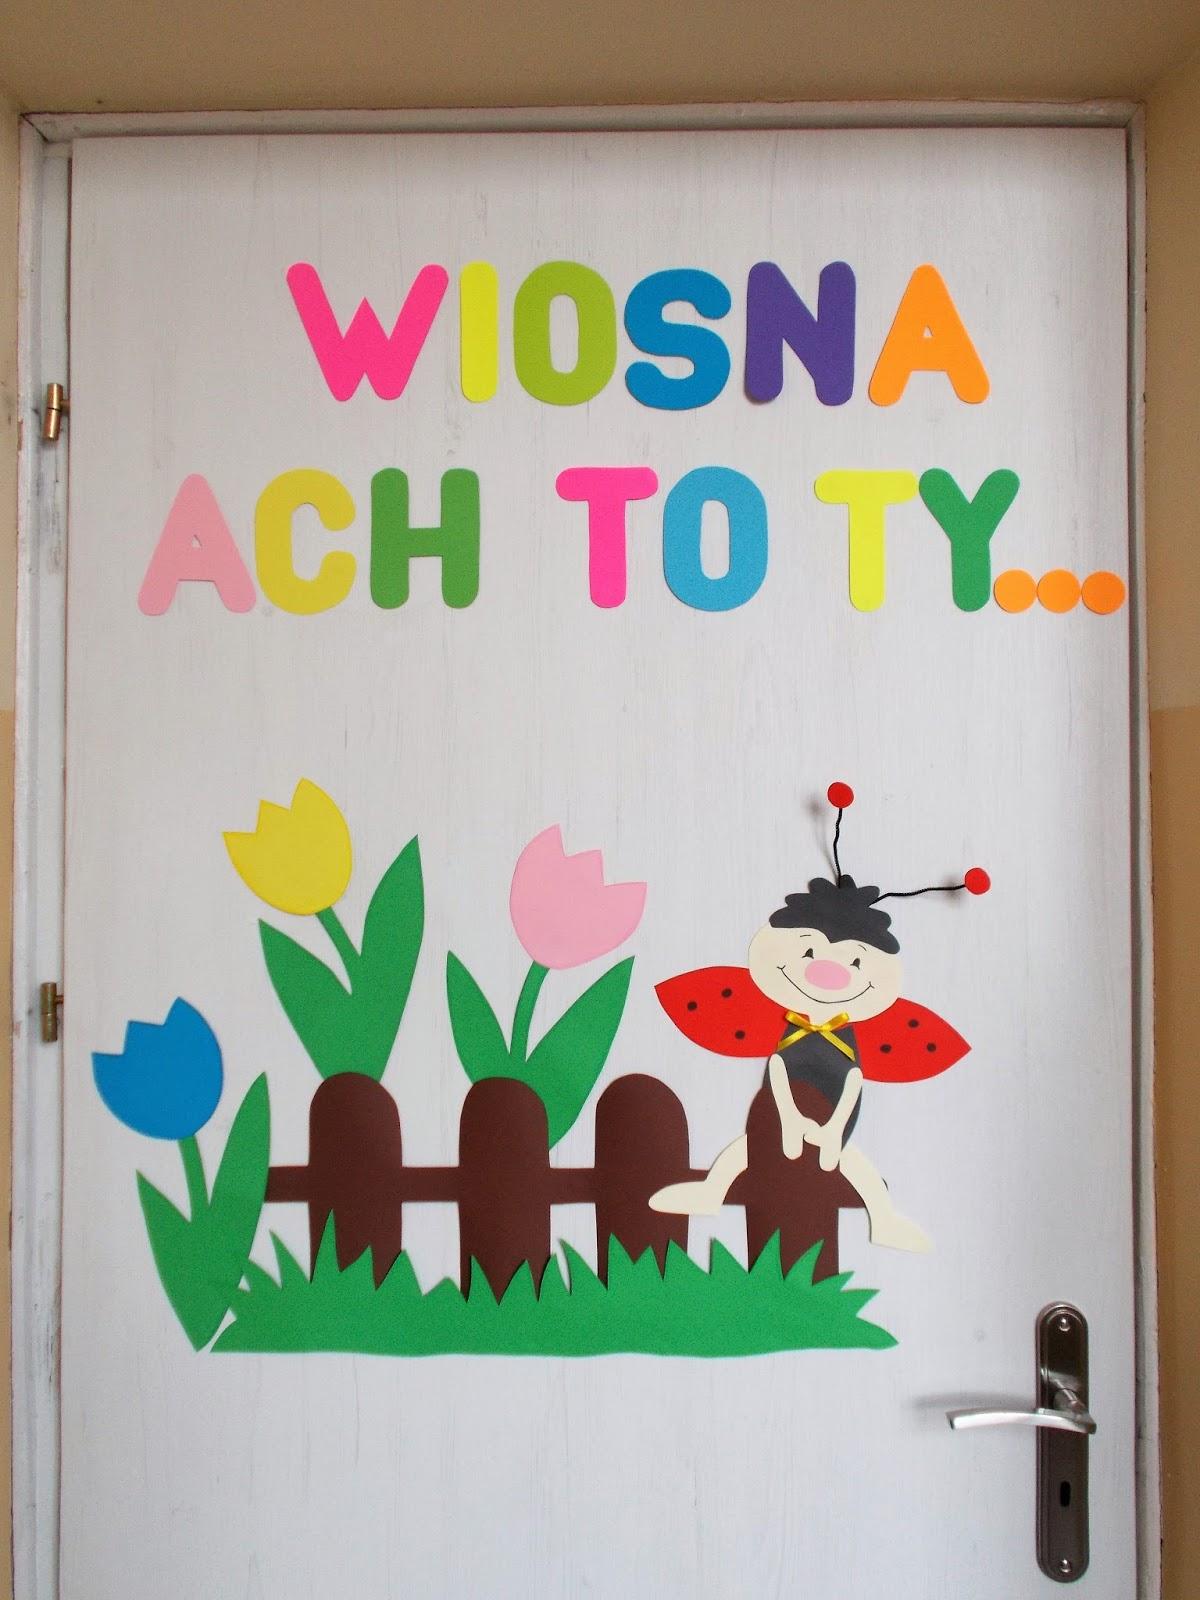 Publiczna Szkoła Podstawowa Z Oddziałem Przedszkolnym W